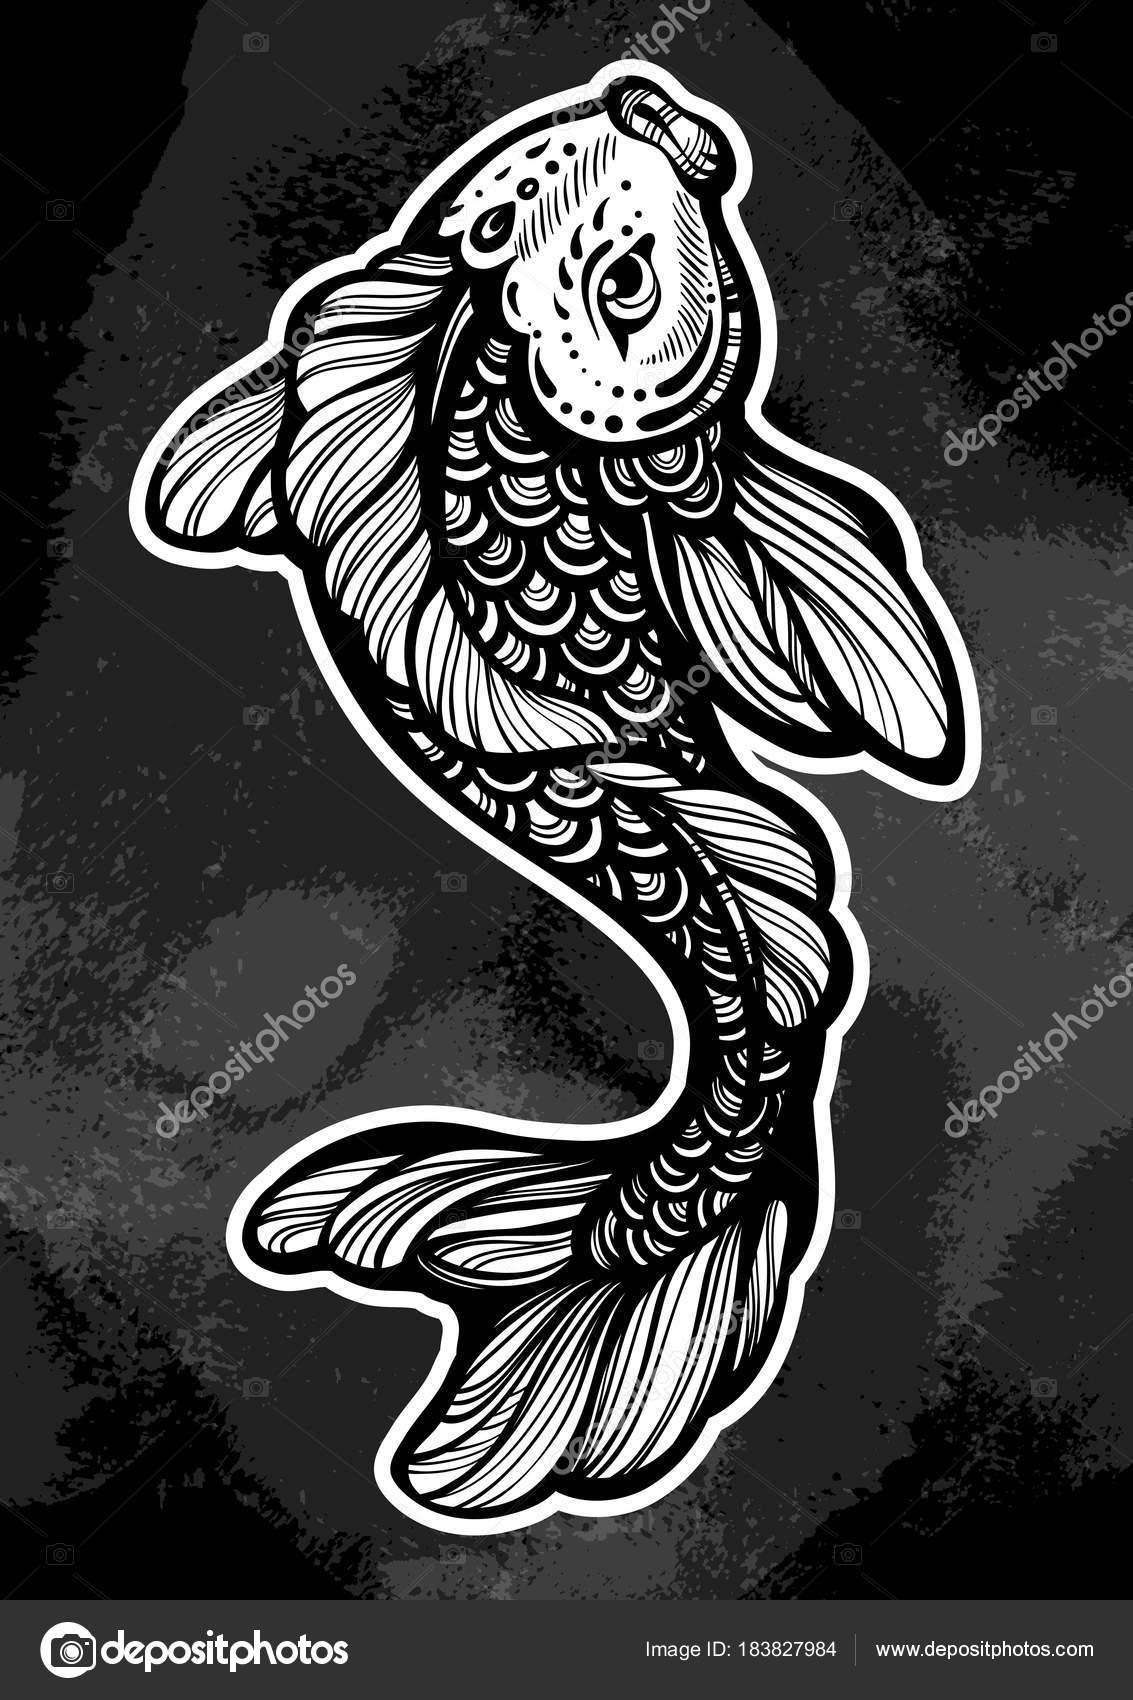 Beautifuliy Podrobne Ilustrace Ryb Koi Kapr Symbol Stesti A